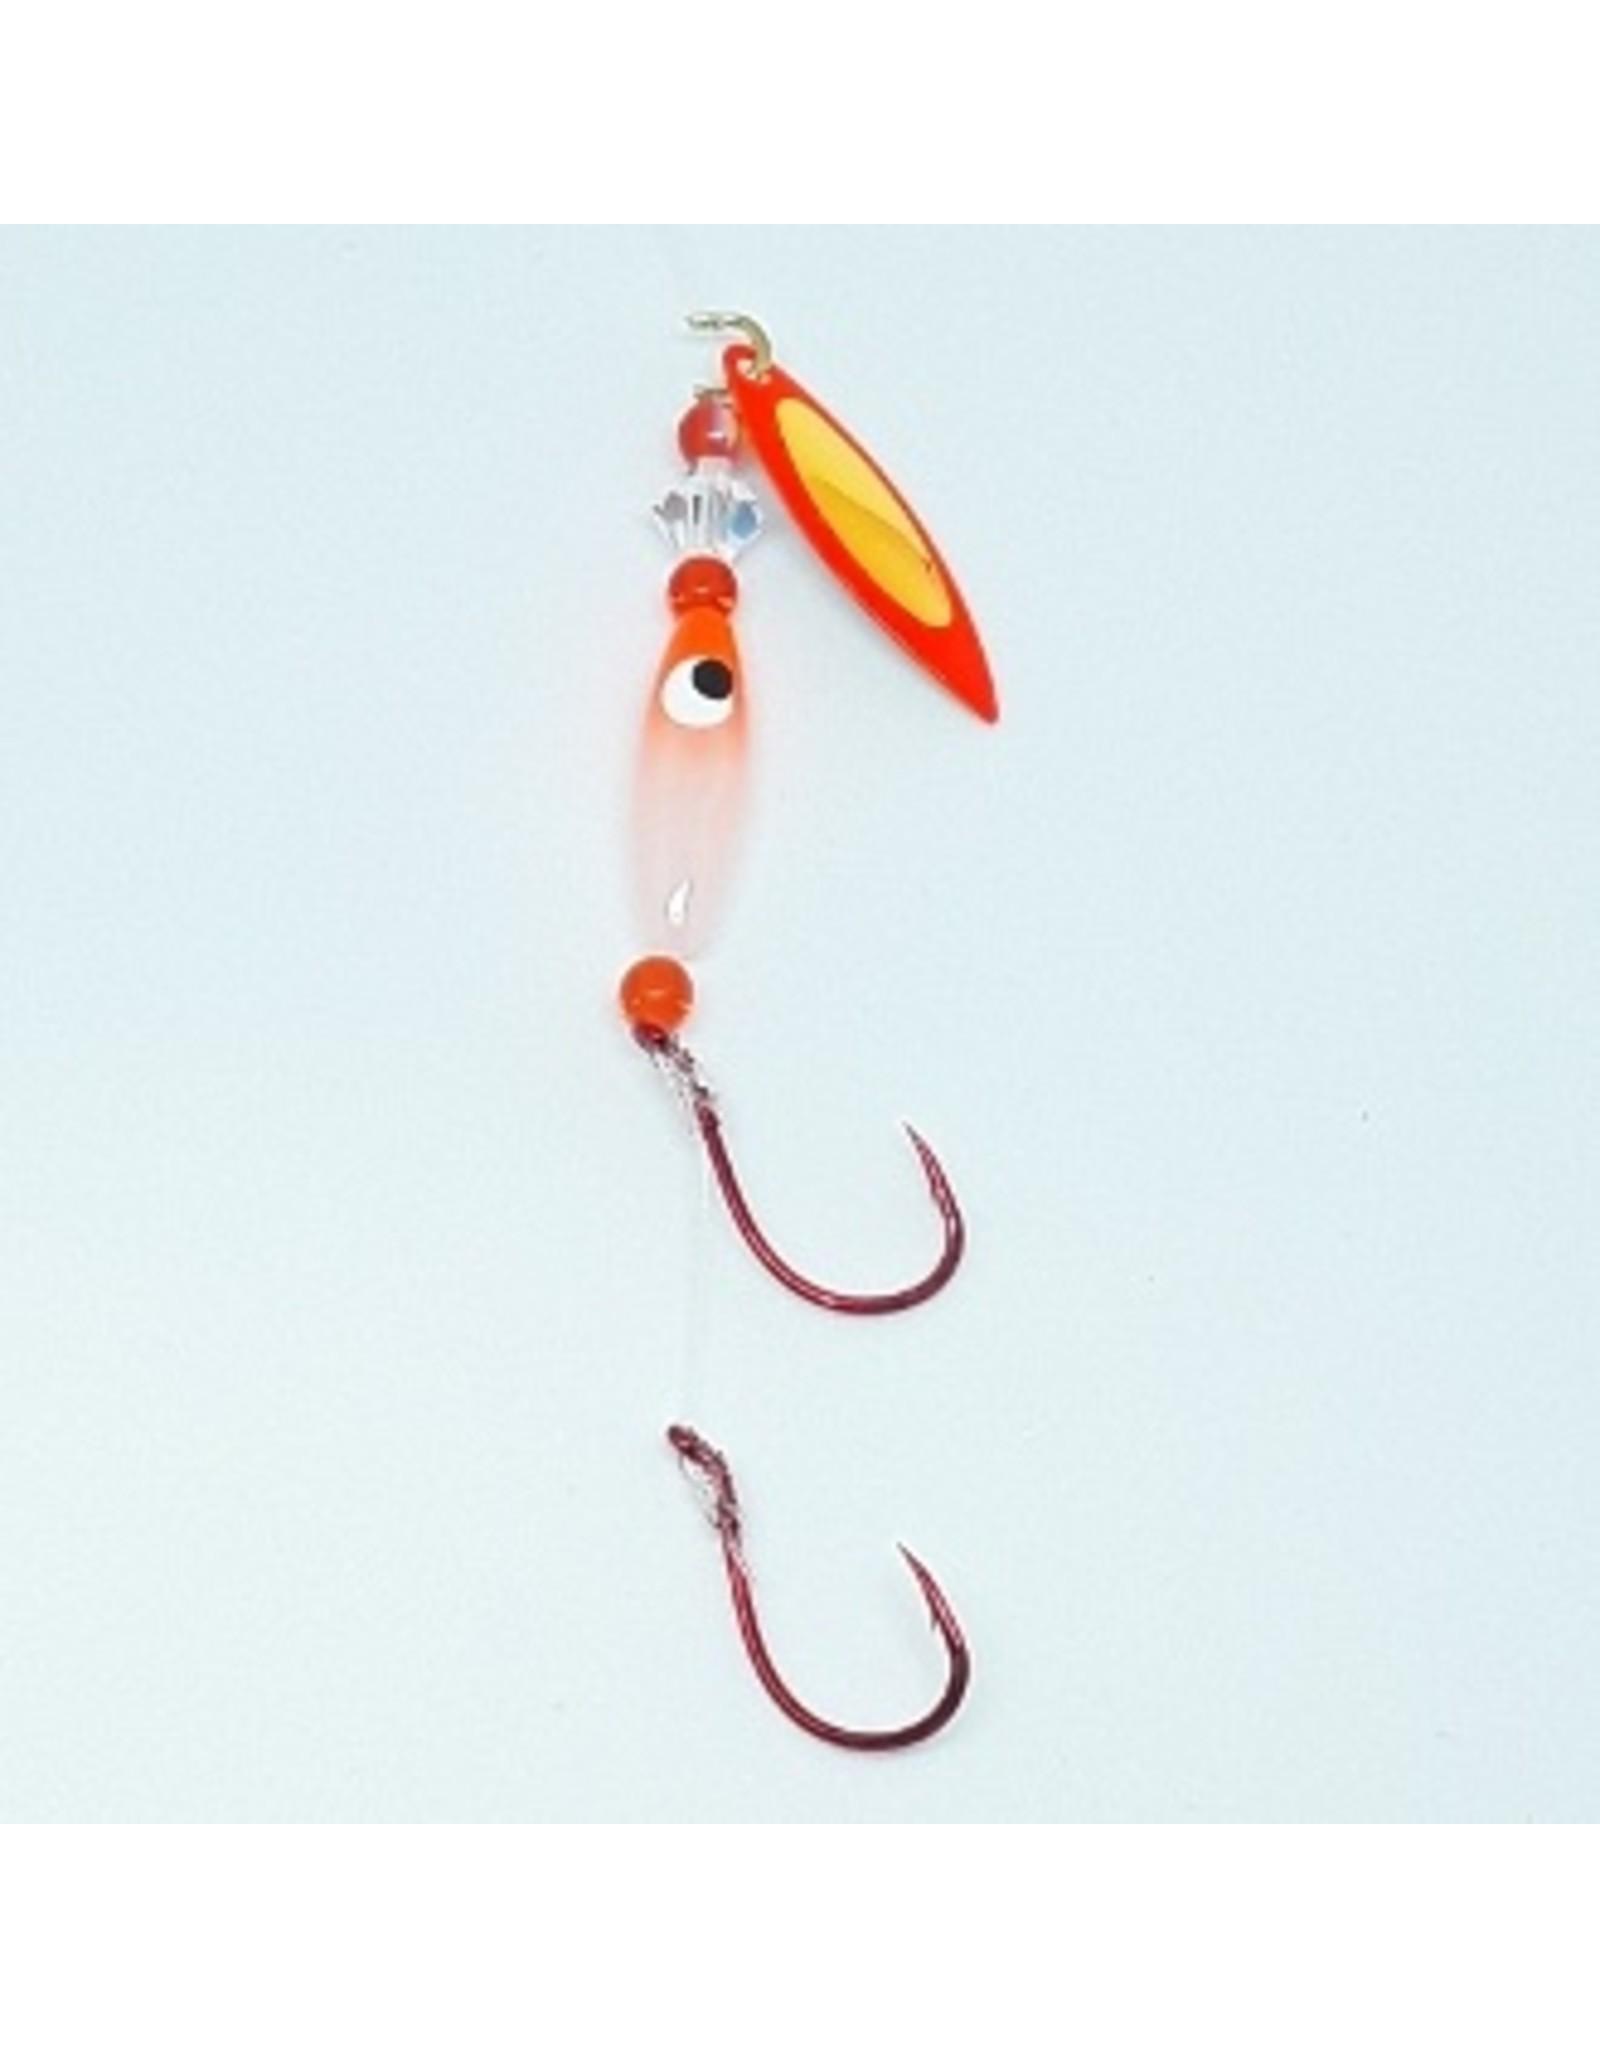 Kokabow Fishing Tackle - Koka Bug - Talon